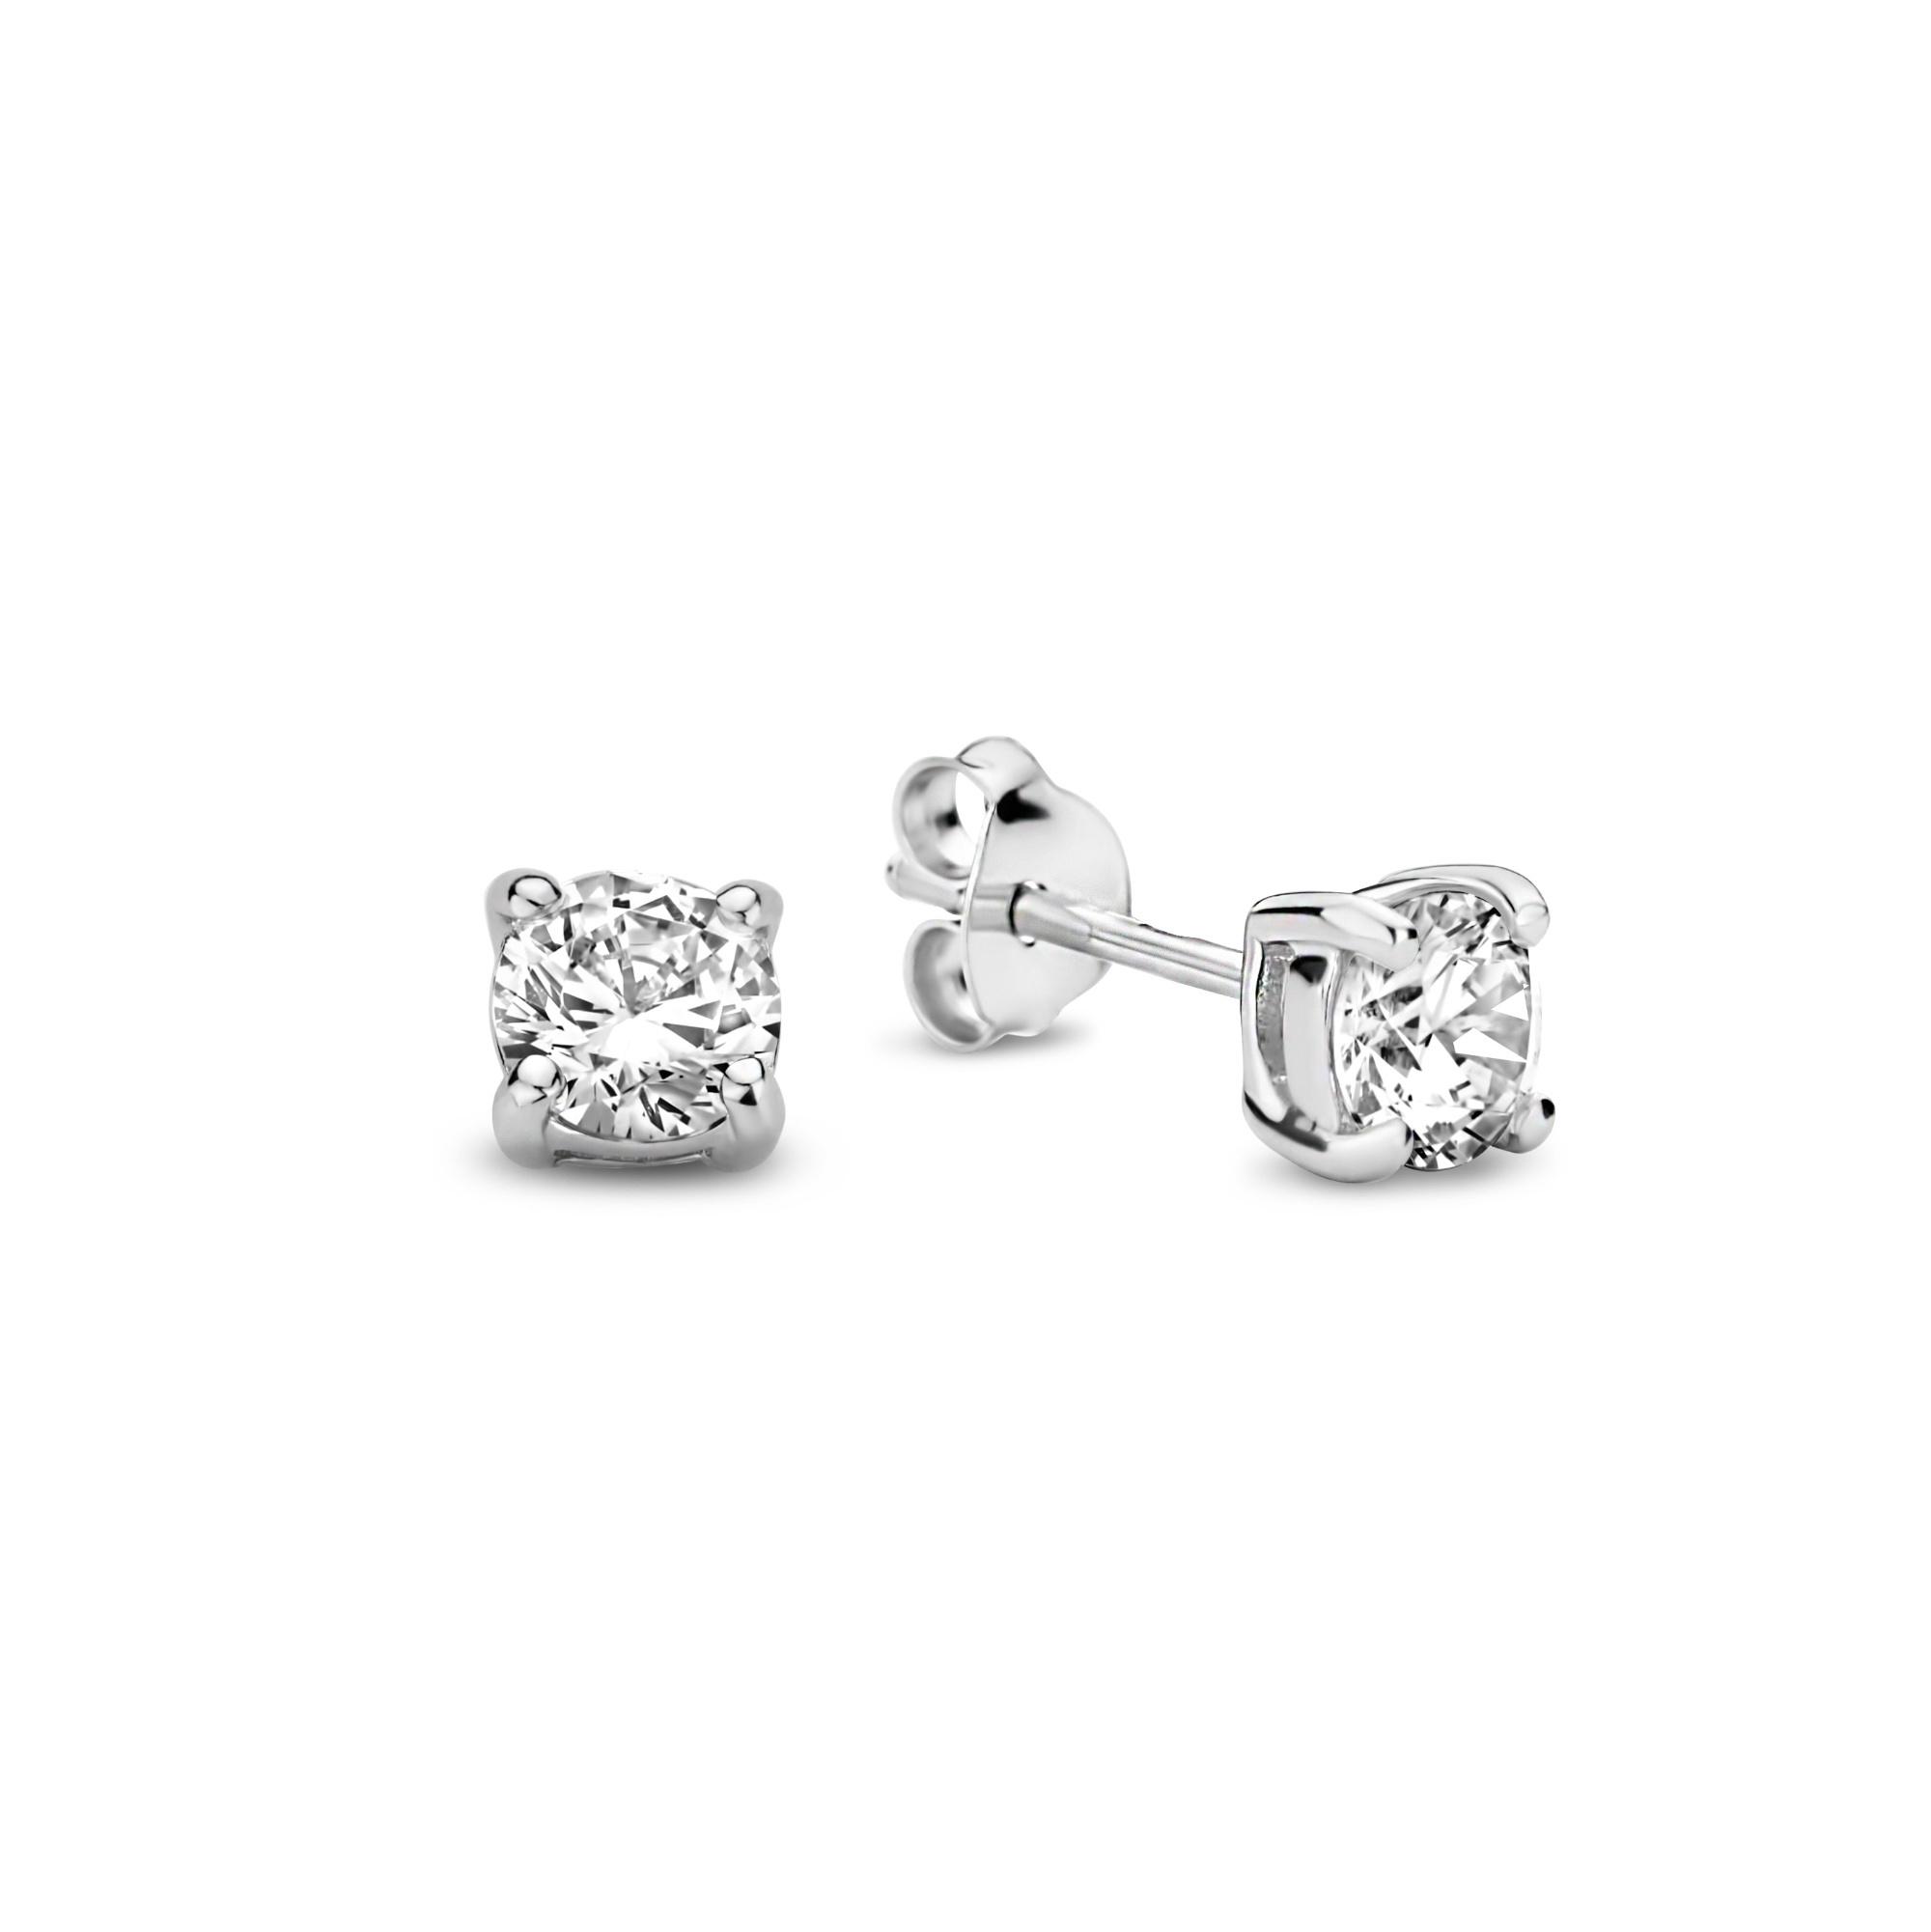 Parte di Me Sorprendimi 925 sterlin gsilver uppsättning örhängen, halsband och smyckeskrin